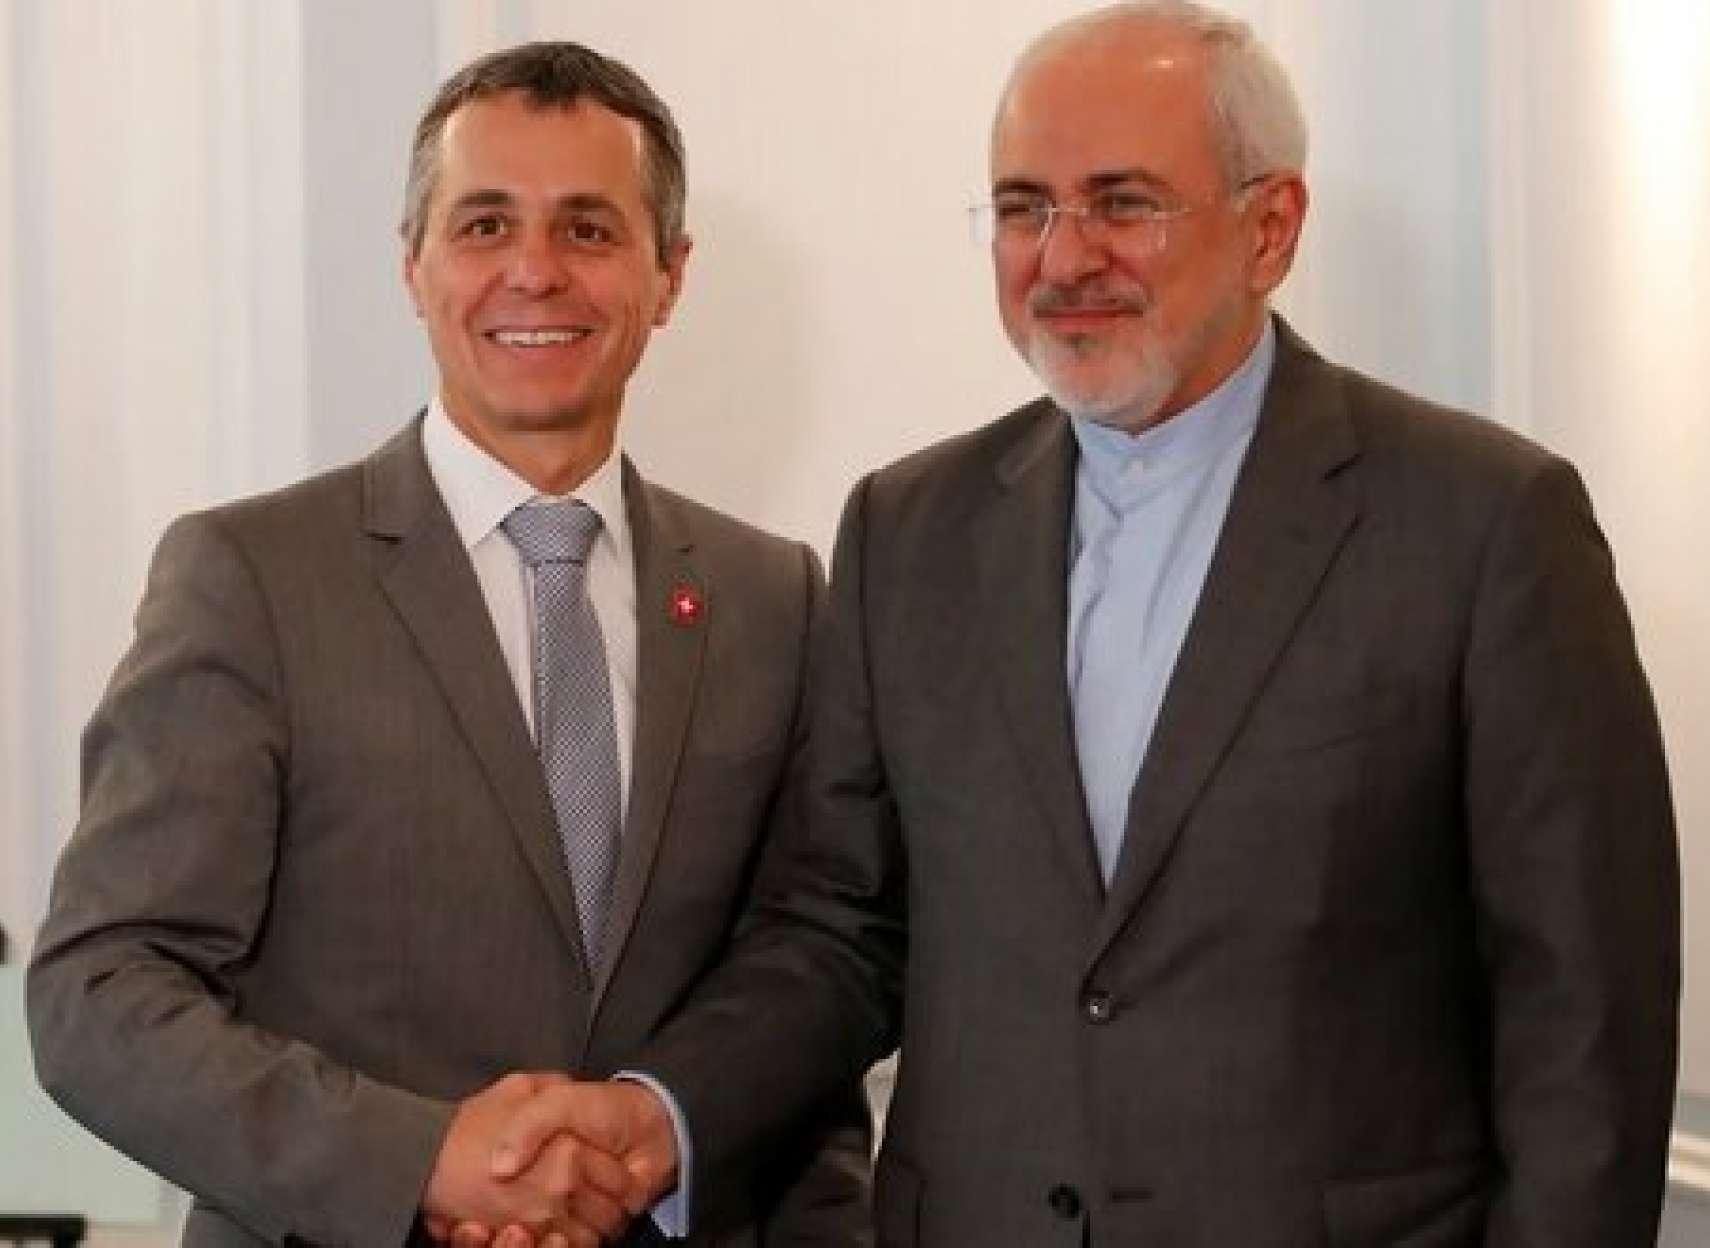 سفر-حافظ-منافع-ایران-در-کانادا-به-تهران-اصرار-جمهوری-اسلامی-از-کانال-سوئیسی-برای- ارتباط-با-اتاوا